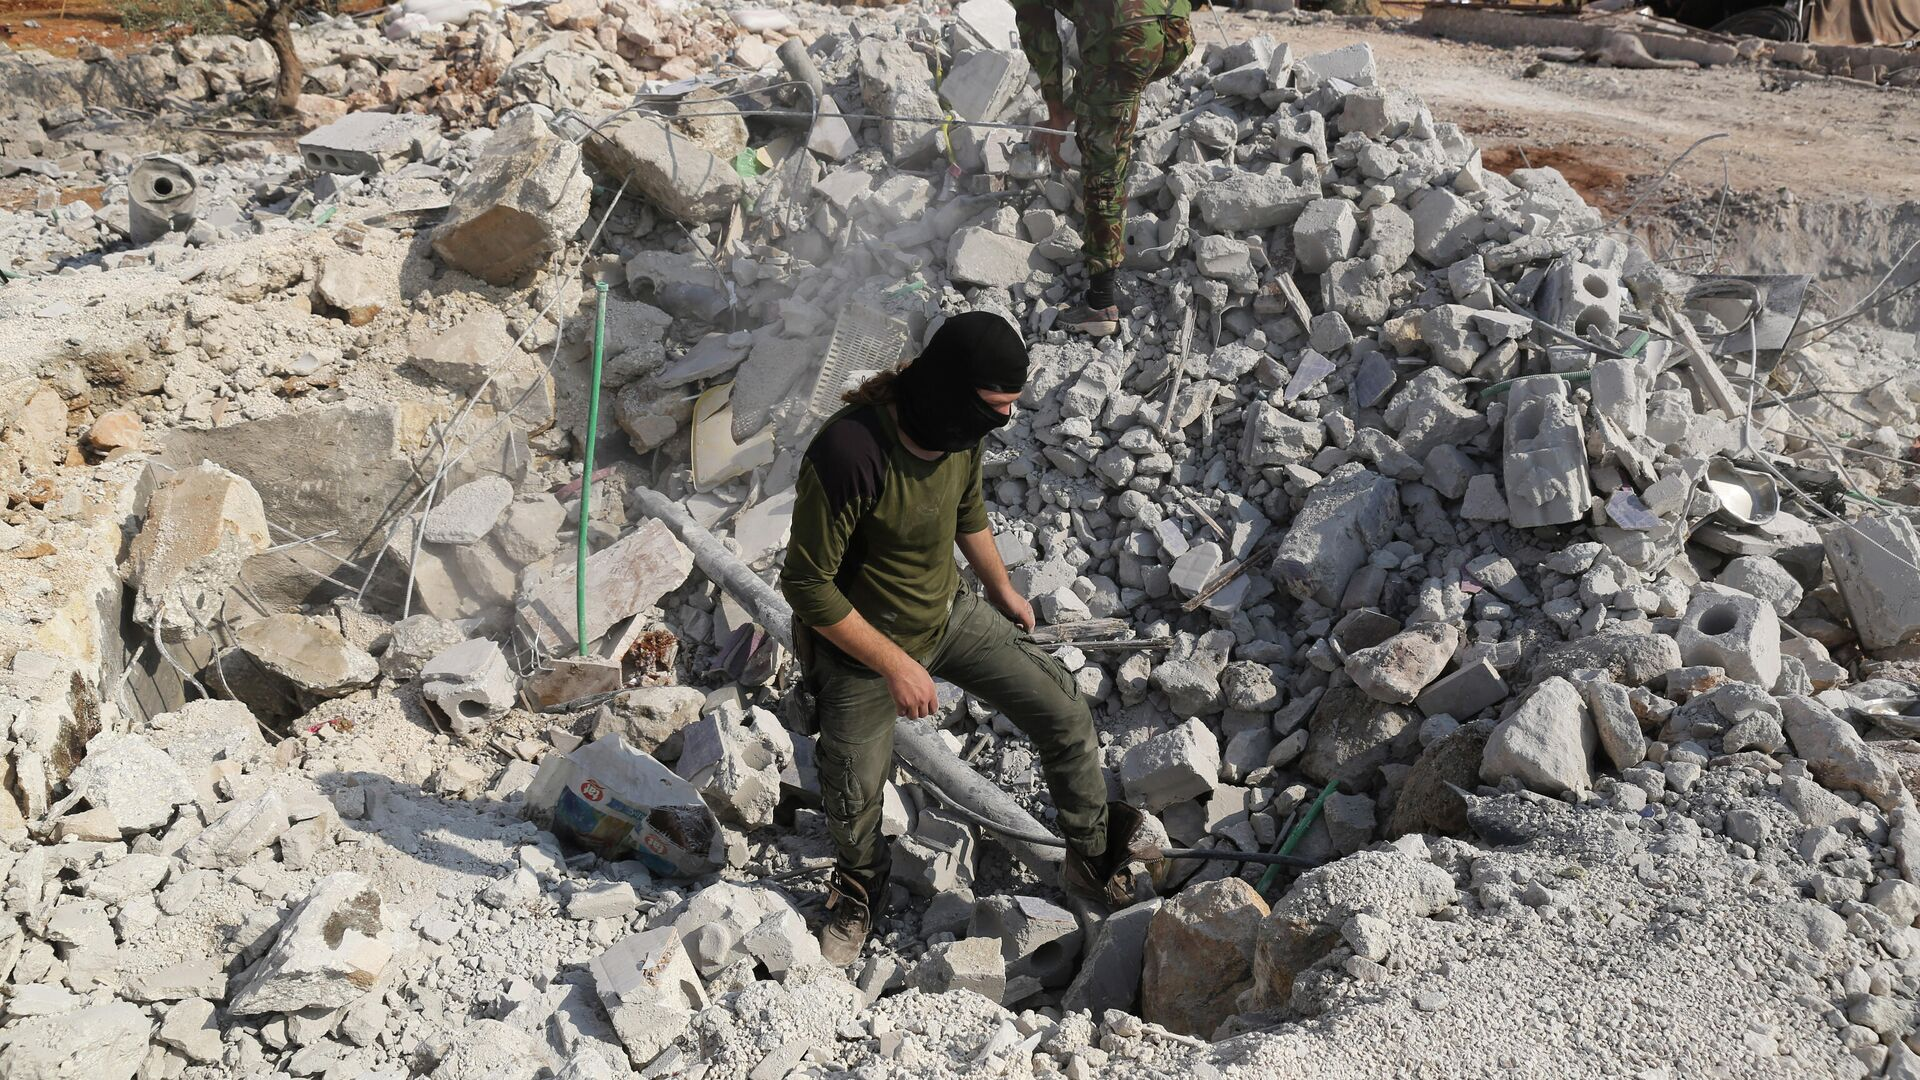 Разрушенные в результате операции вооруженных сил США, направленной против Абу Бакра аль-Багдади, дома недалеко от деревни Бариша в провинции Идлиб. 27 октября 2019  - РИА Новости, 1920, 14.02.2021